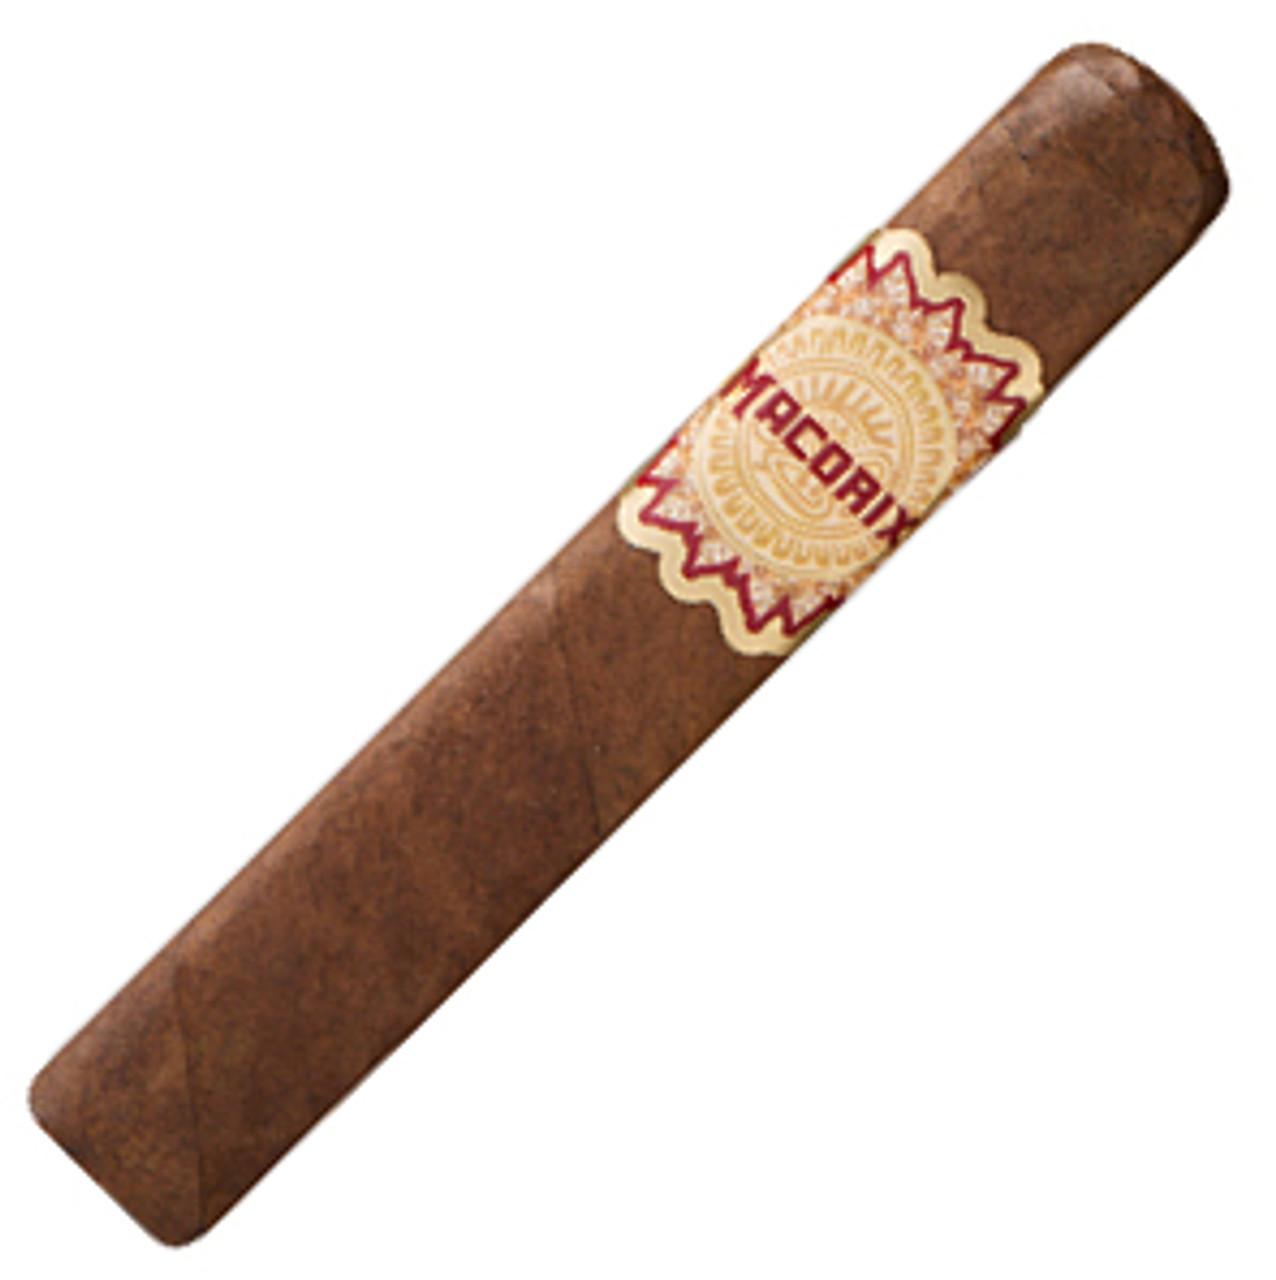 Macorix Sumatra Robusto Cigars - 5 x 50 (Box of 20)